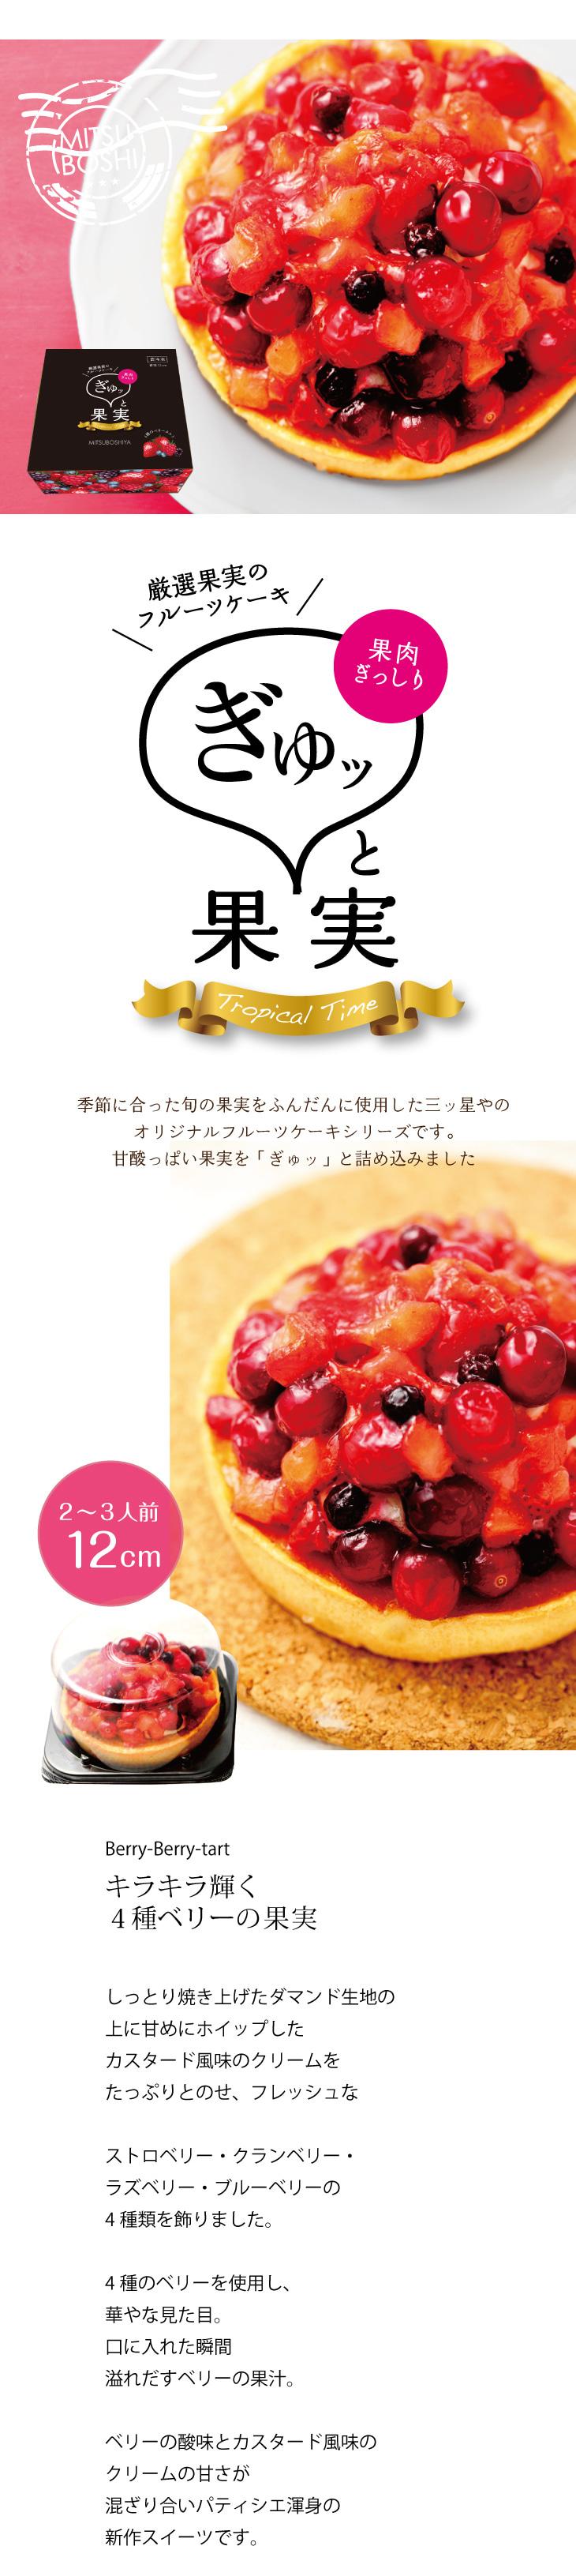 ぎゅッと果実 4種のベリータルト